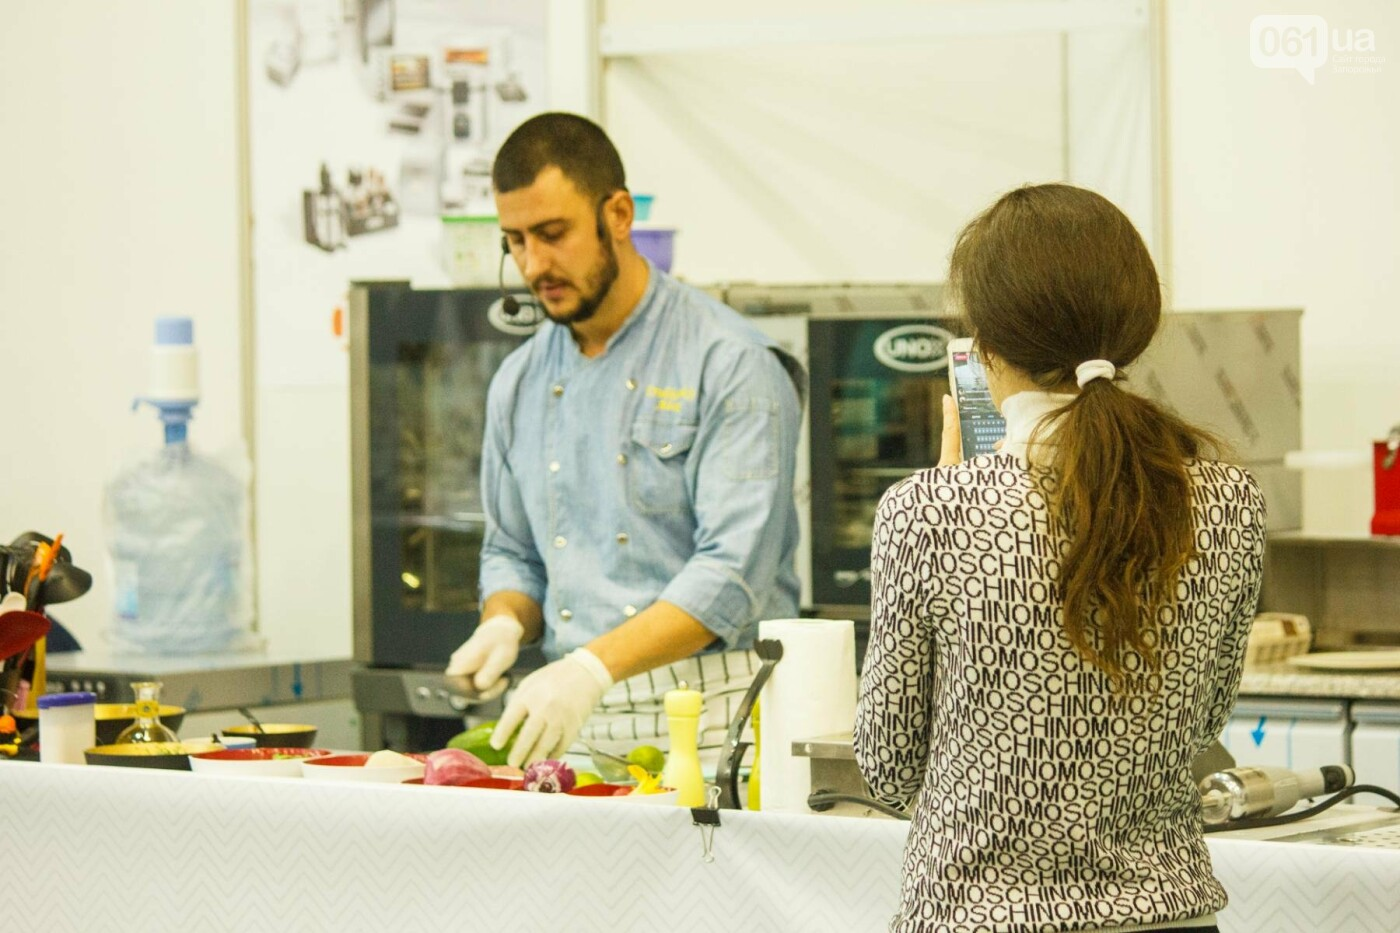 Шеф-повара запорожских ресторанов провели мастер-класс для горожан: как это было, - ФОТОРЕПОРТАЖ, фото-33